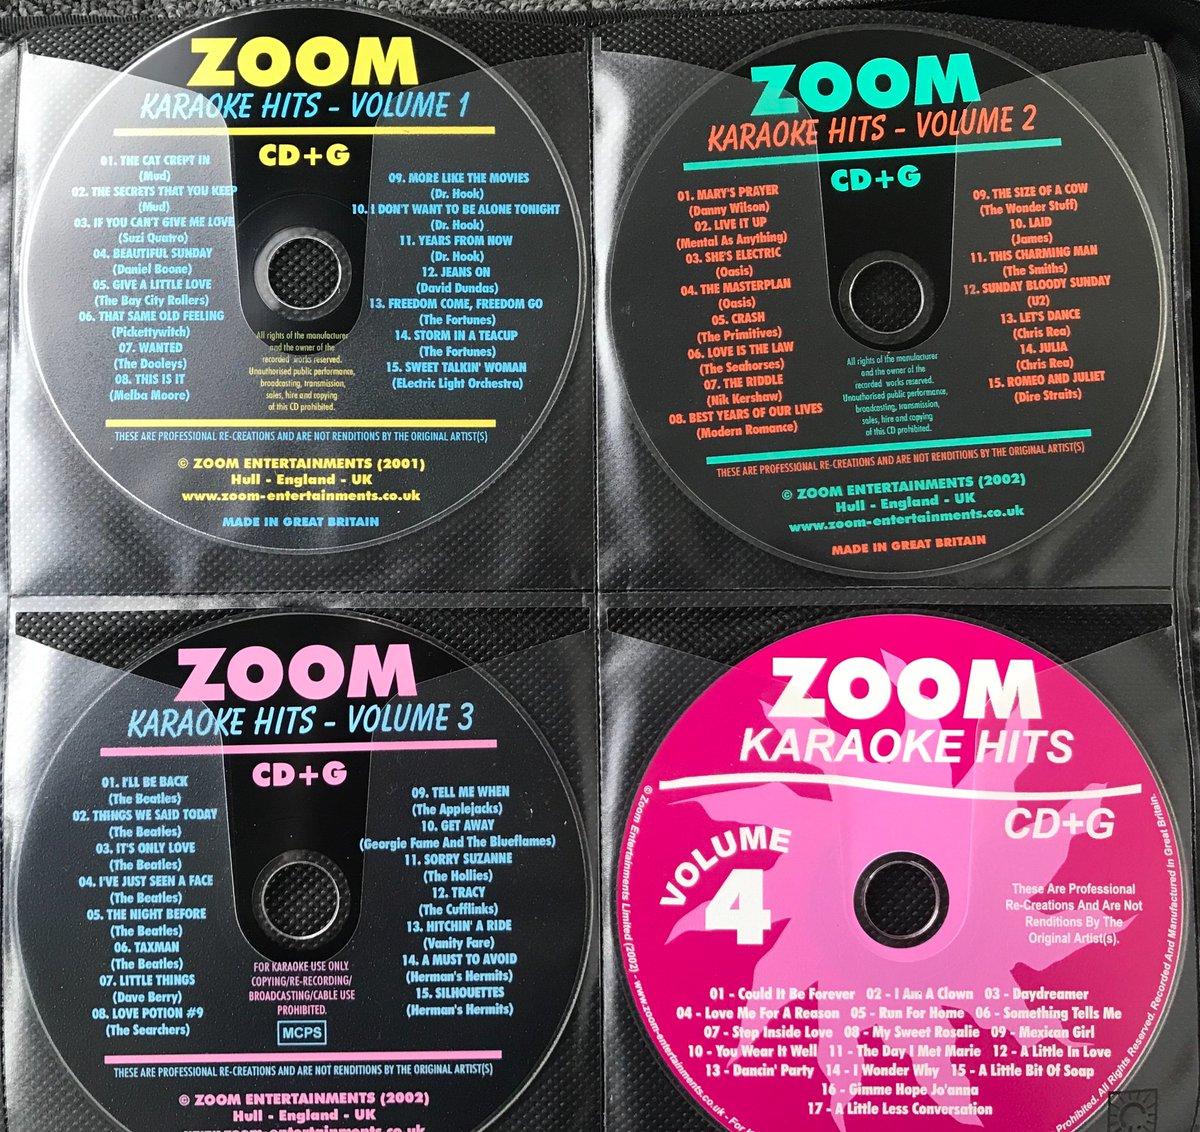 Zoom Karaoke on Twitter: